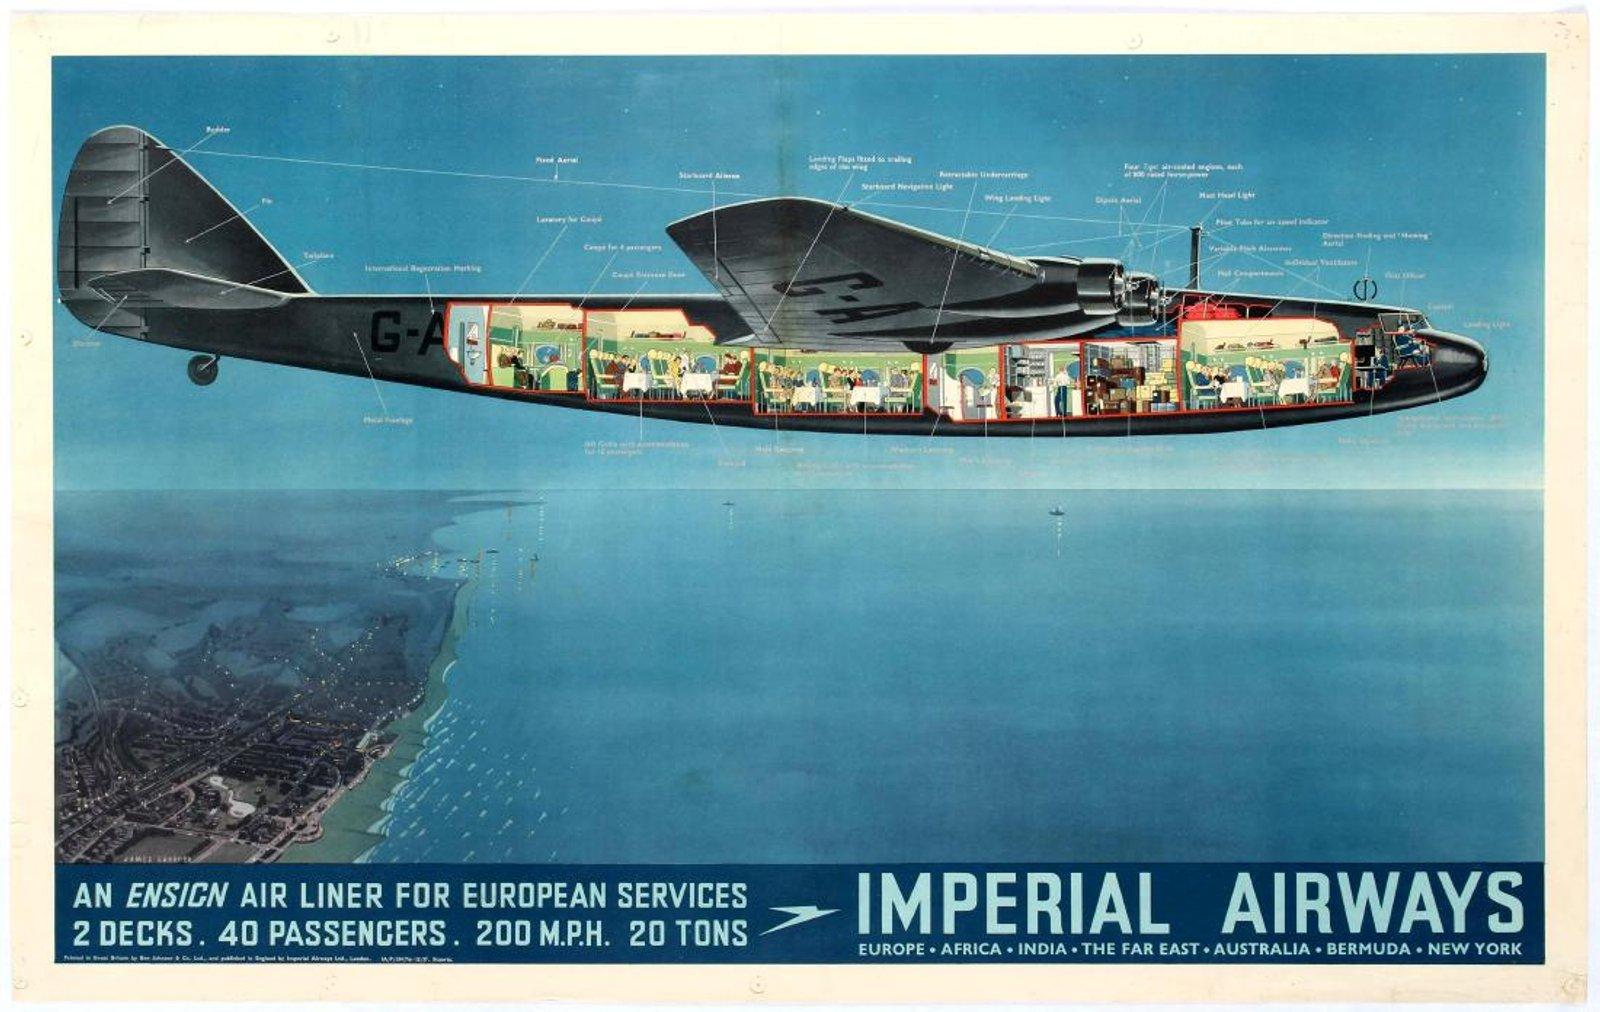 h Imperial Airways Ensign